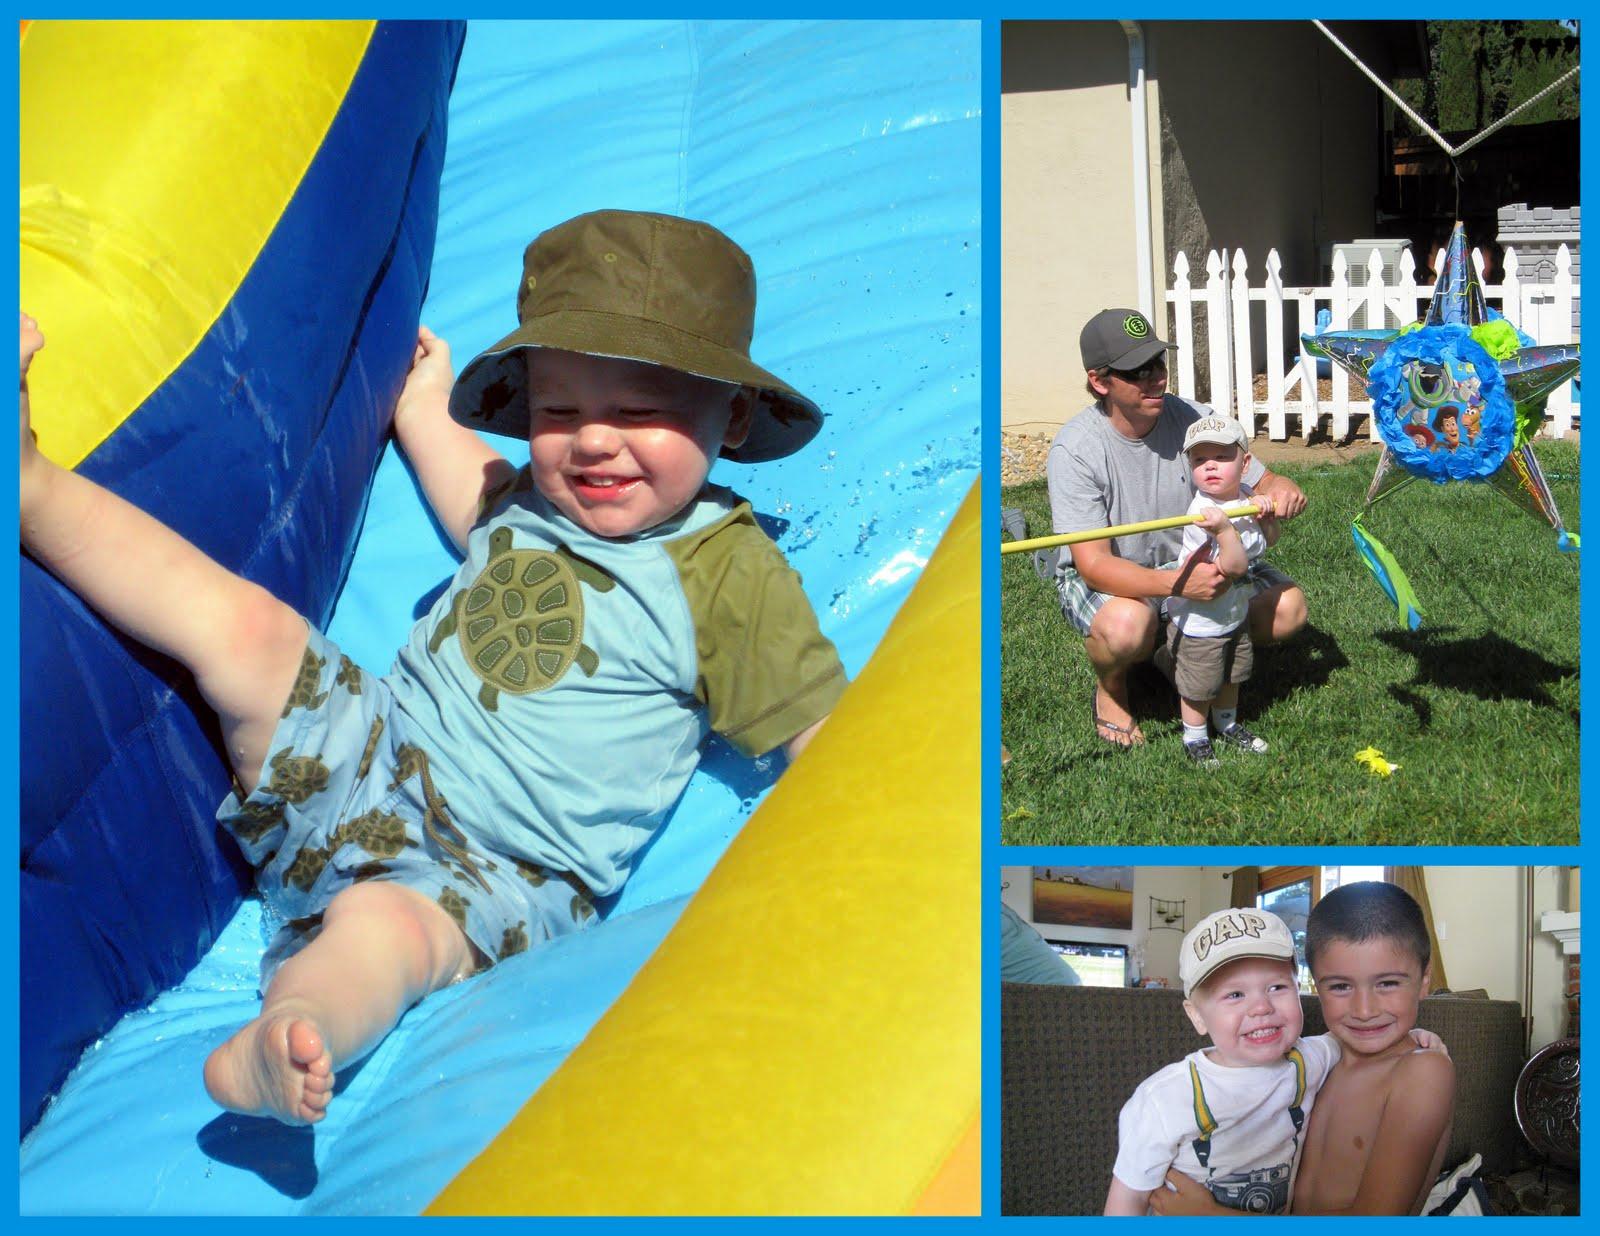 http://4.bp.blogspot.com/_jduvlZpiEQU/TDKn7r1lVTI/AAAAAAAAGG4/9PQRGRS5-J0/s1600/Lil+Ray%27s+7th+Birthday+July+2010.jpg